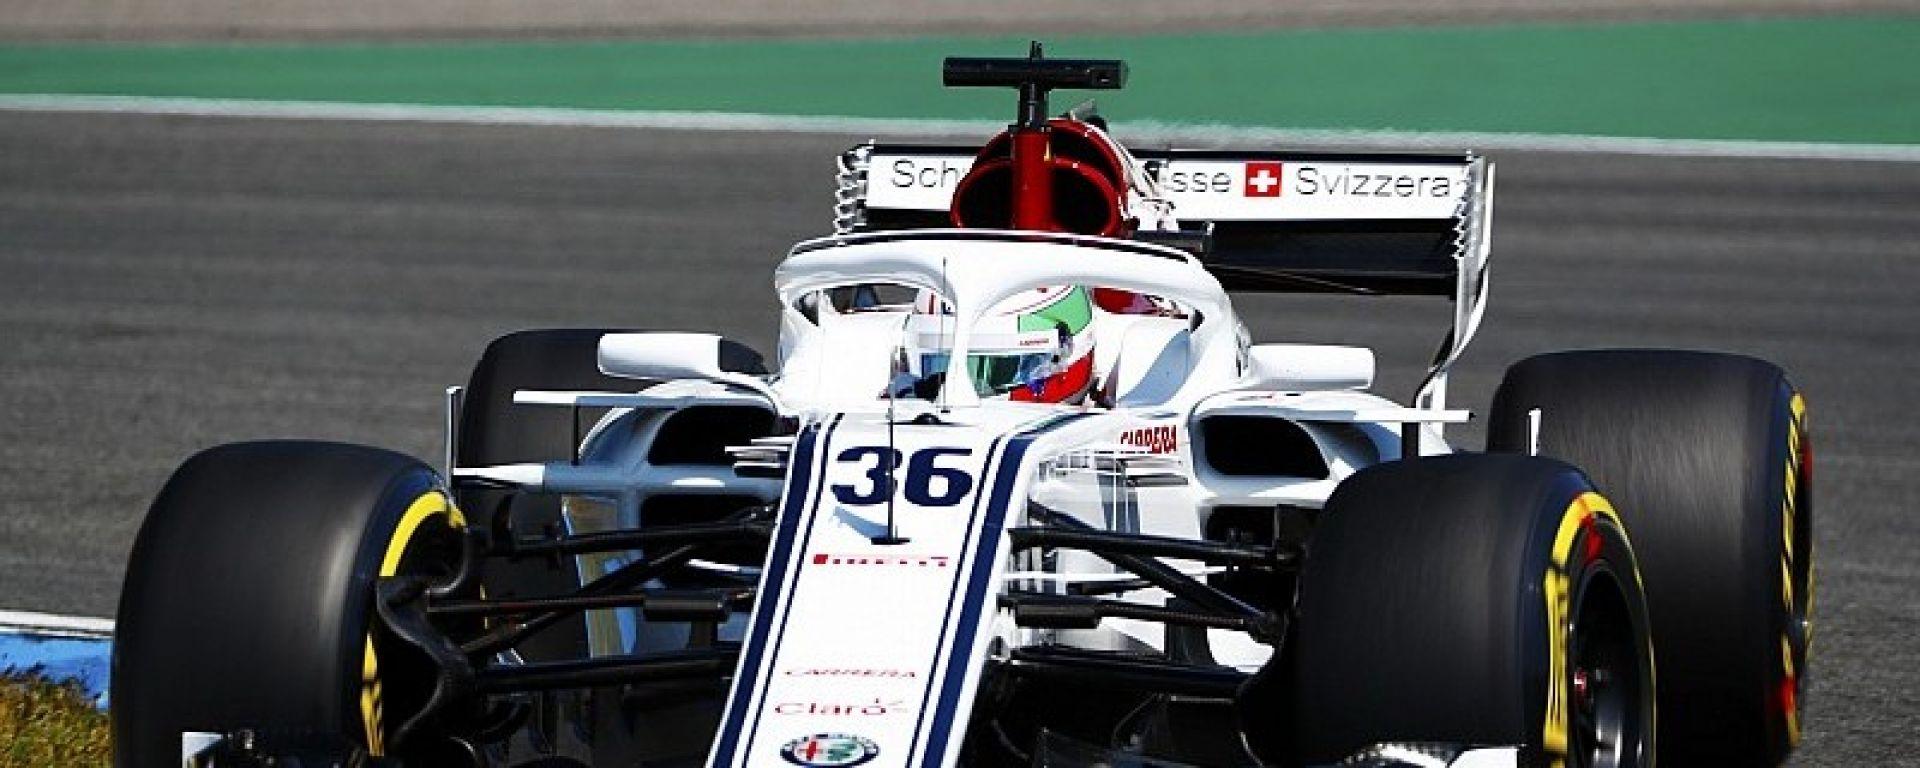 Ufficiale: Antonio Giovinazzi nuovo pilota Sauber nel 2019